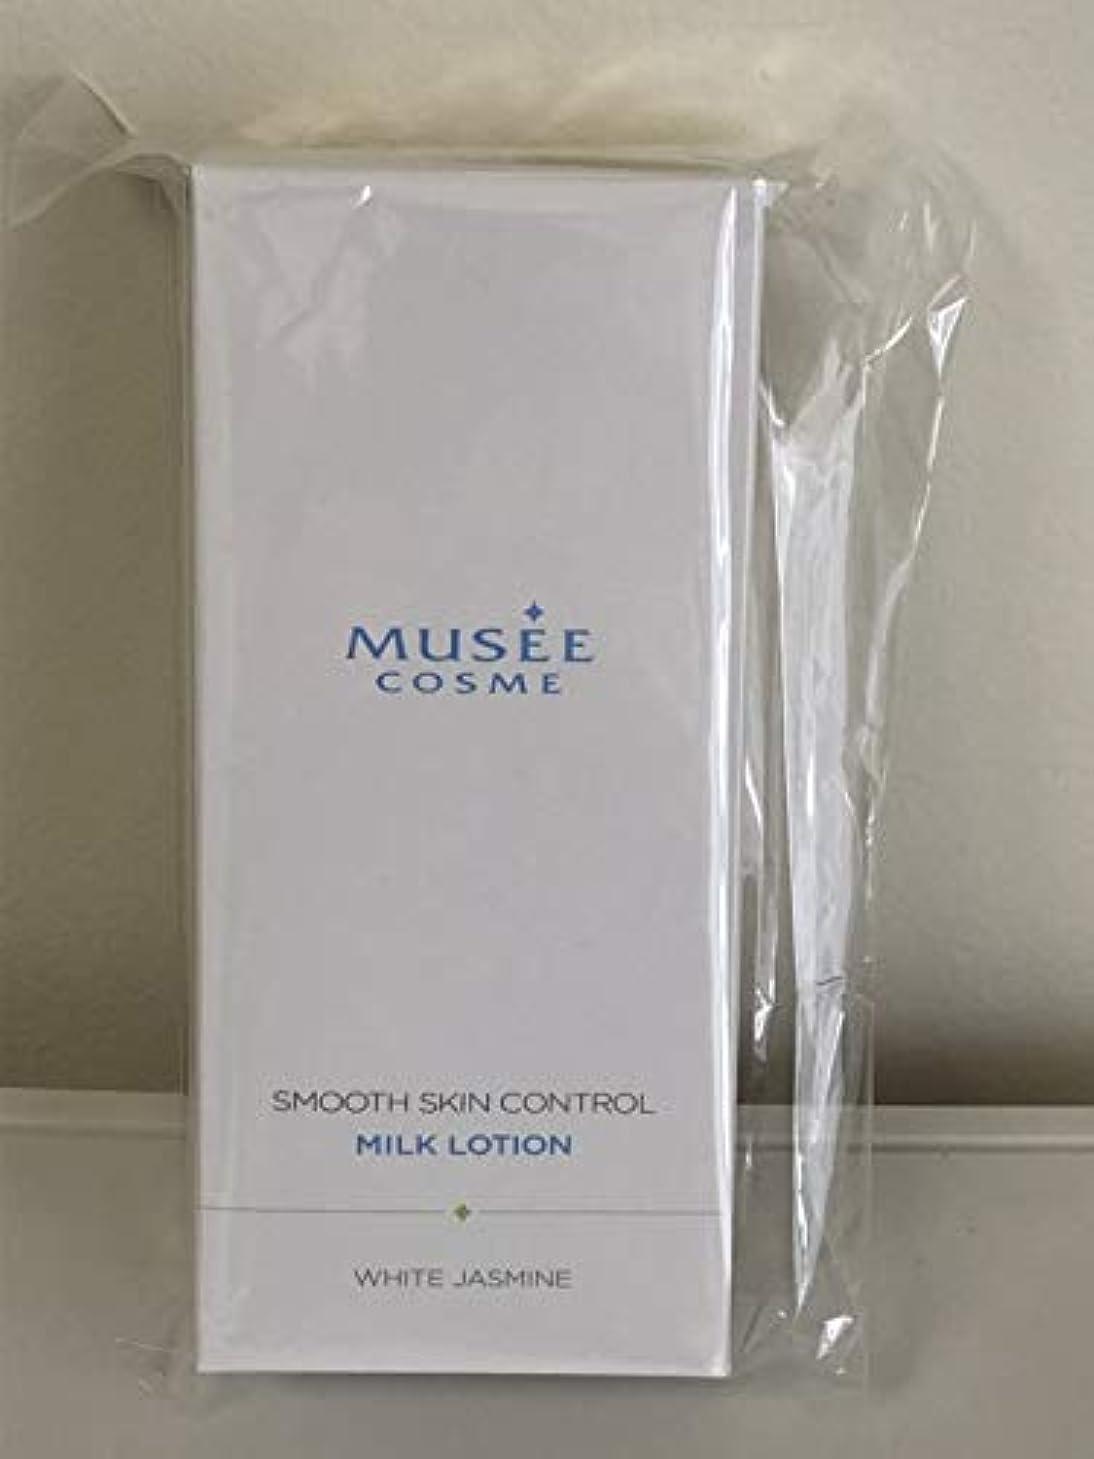 復讐木生息地ミュゼコスメ 薬用スムーススキンコントロール ミルクローション 300mL ホワイトジャスミンの香り